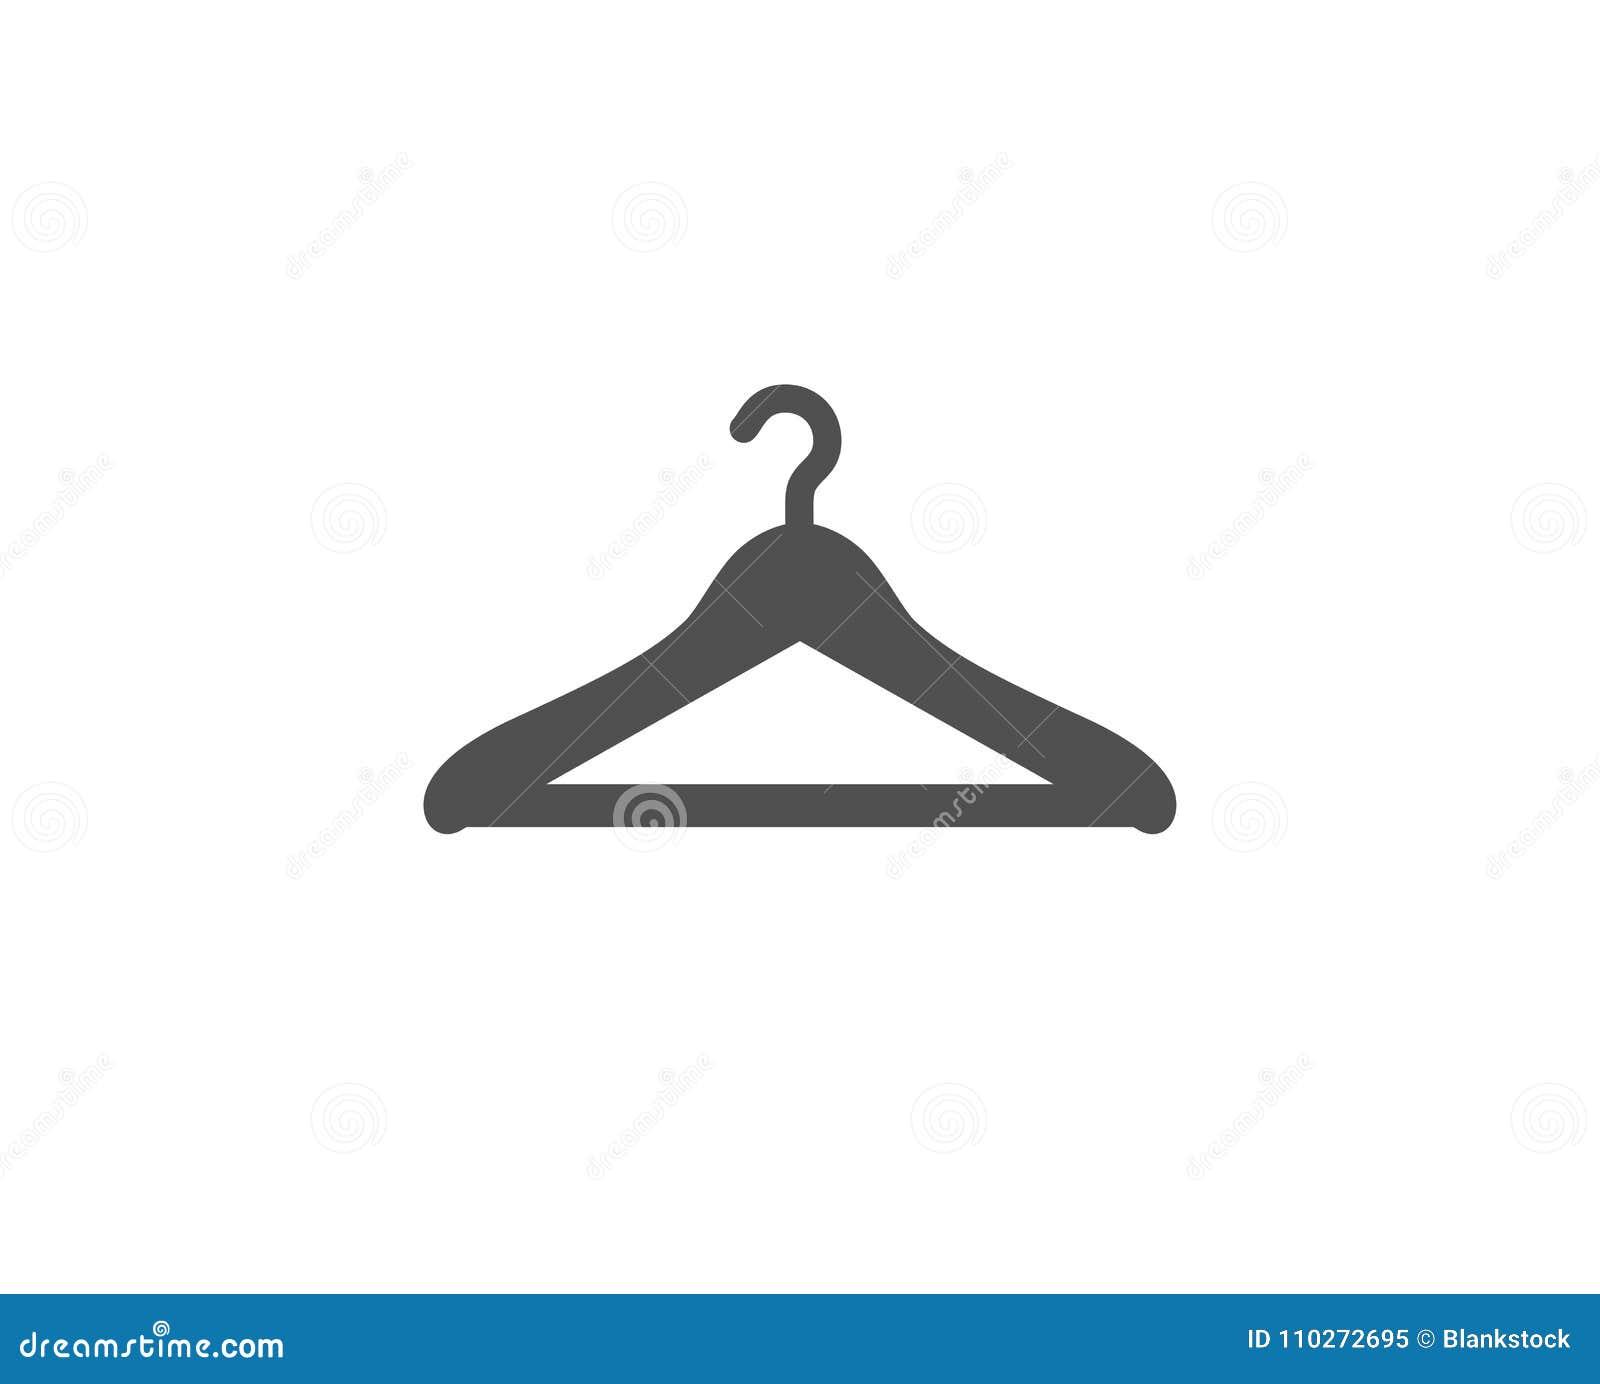 Значок раздевалки простой Знак шкафа вешалки